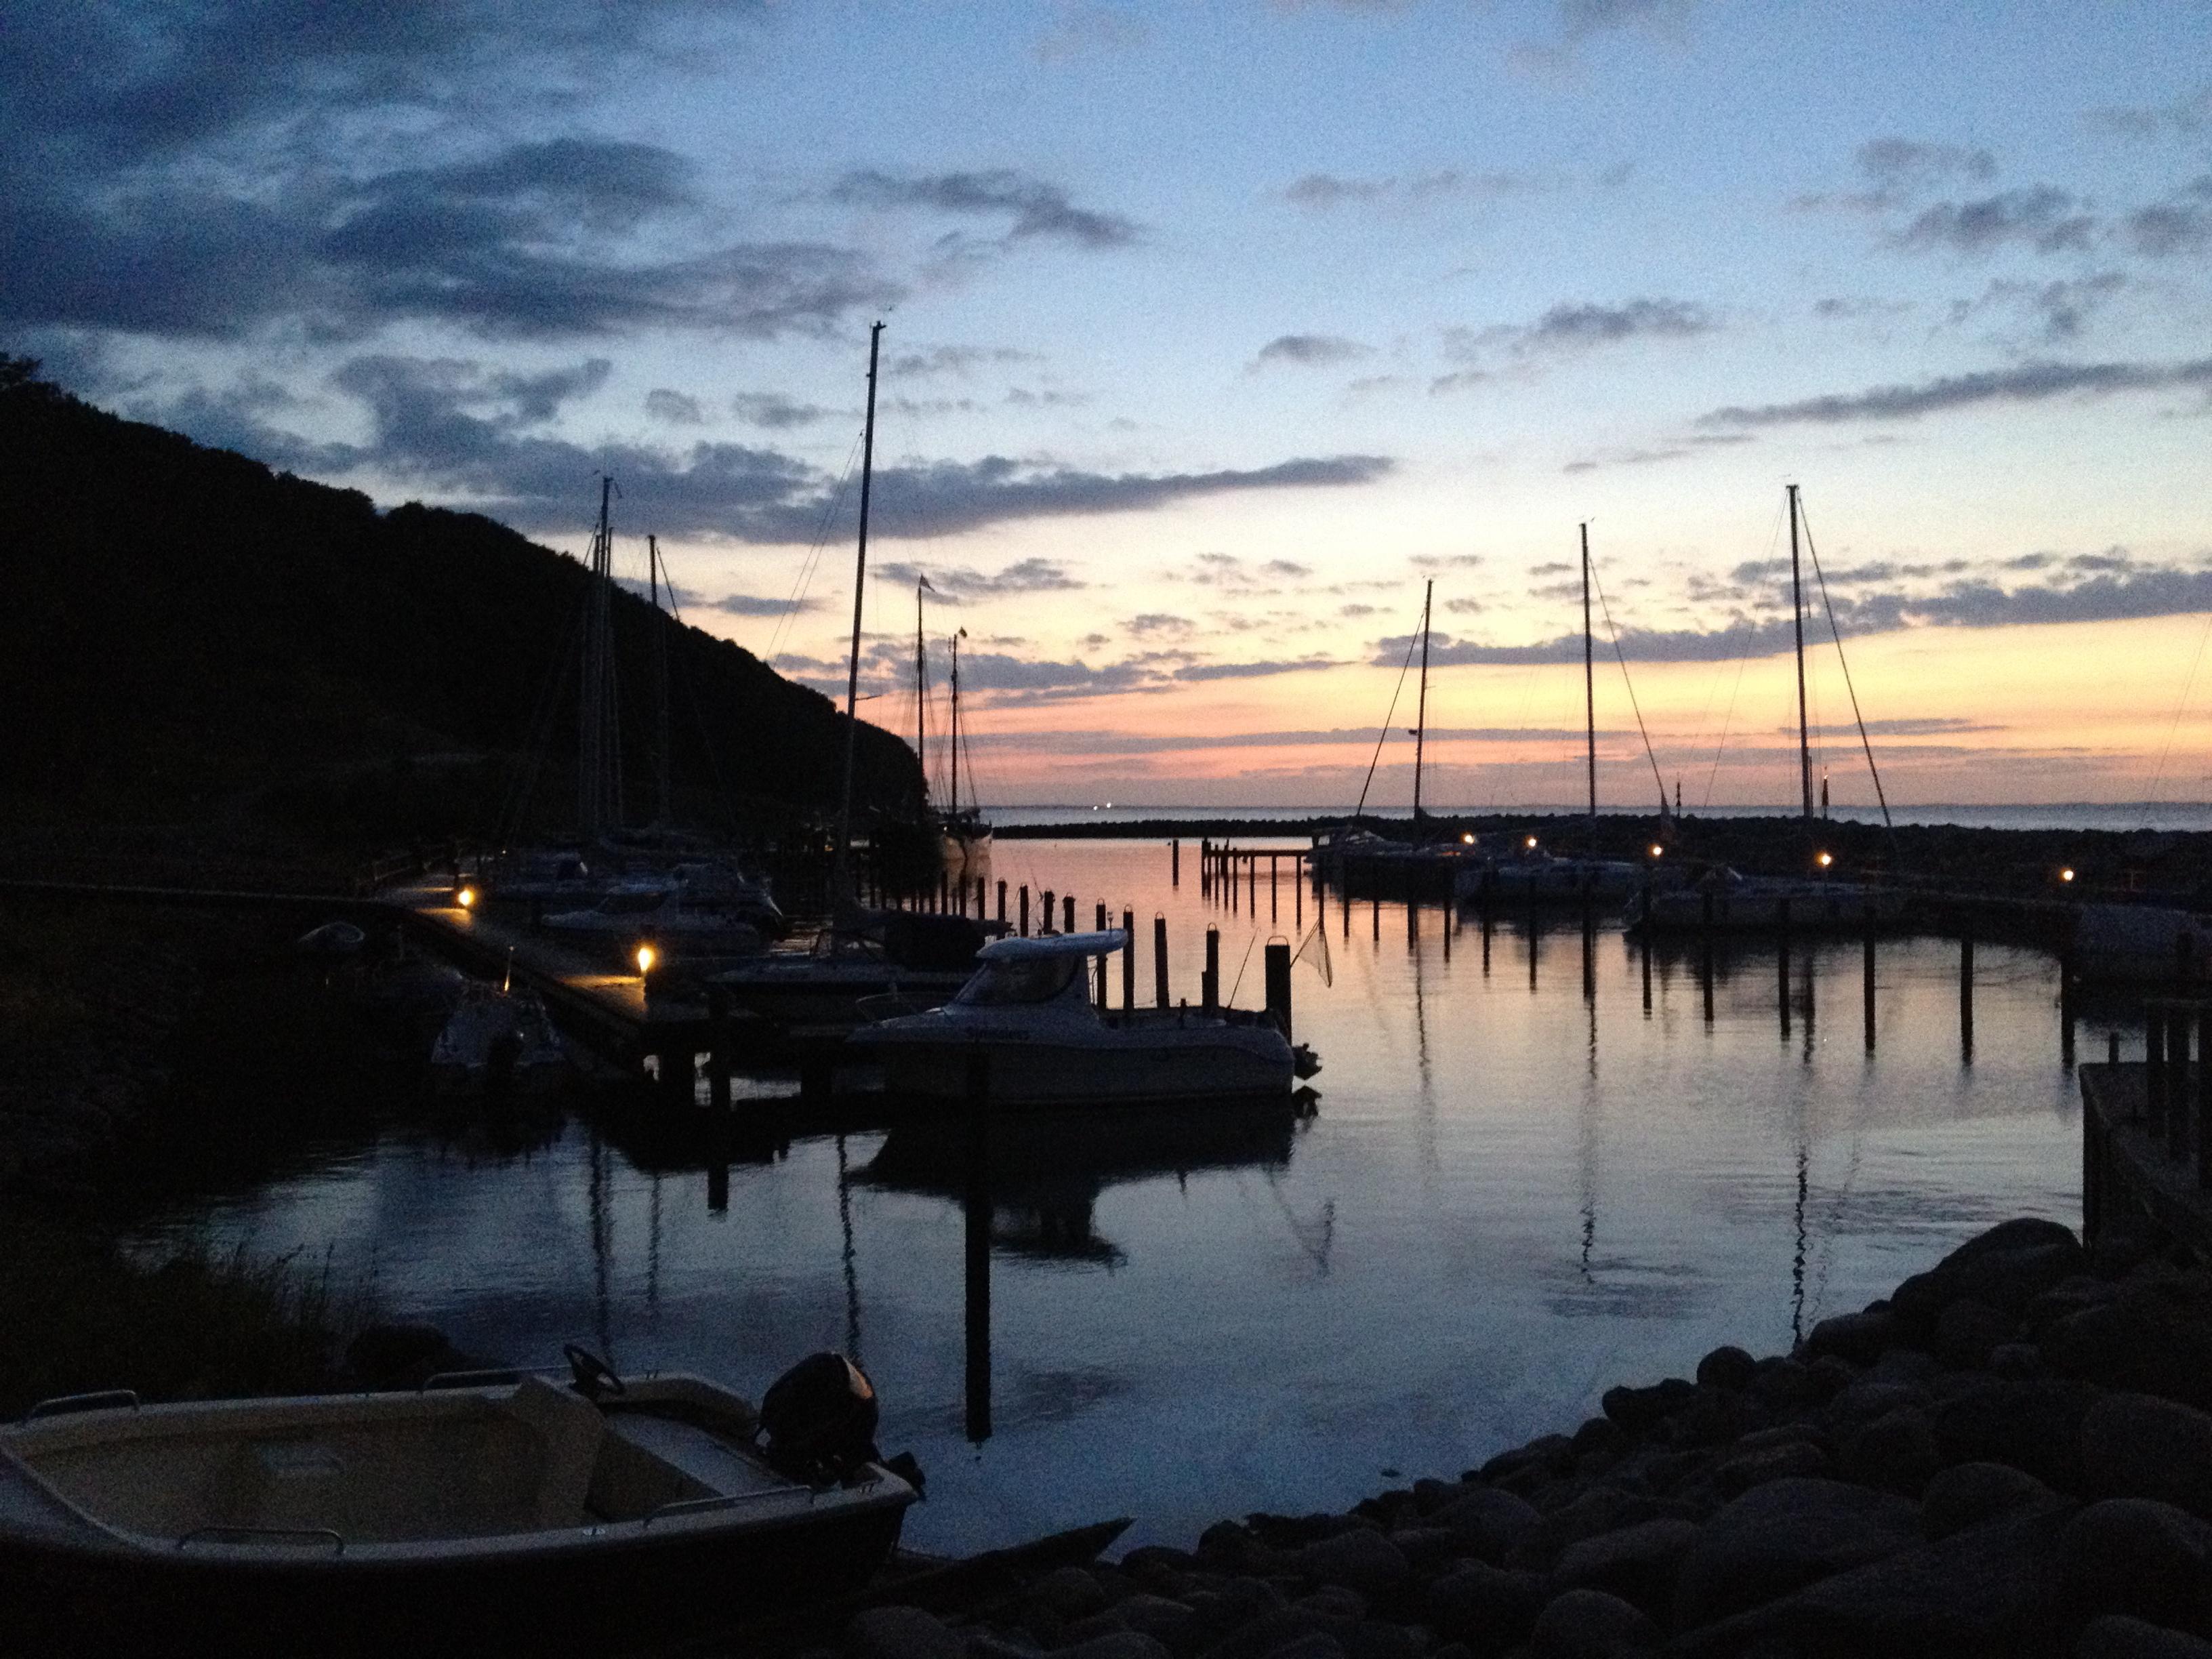 Lohme: Hafen - Herbst 2012